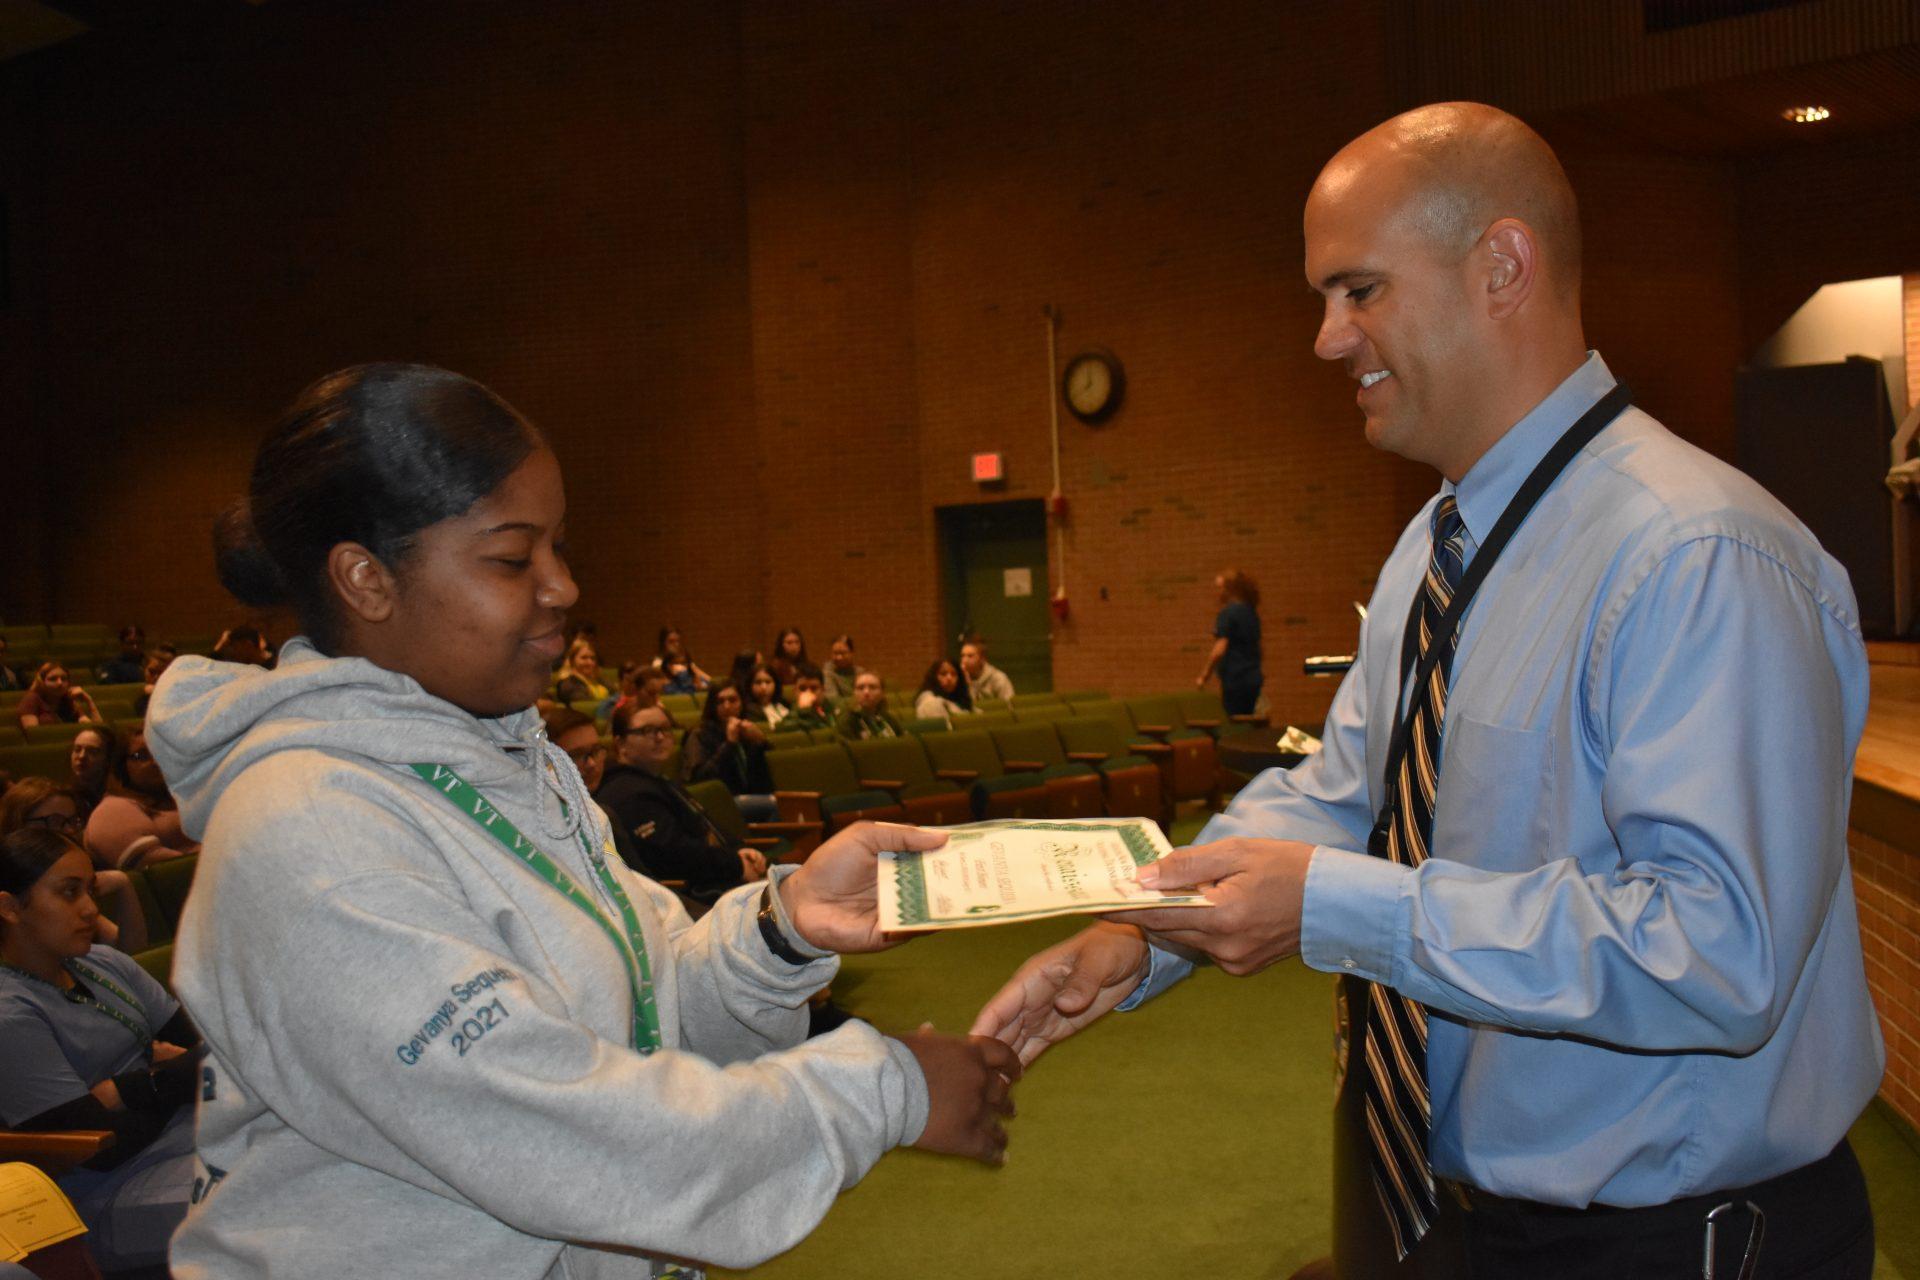 Renaissance Awards Mr. Viera gives an award